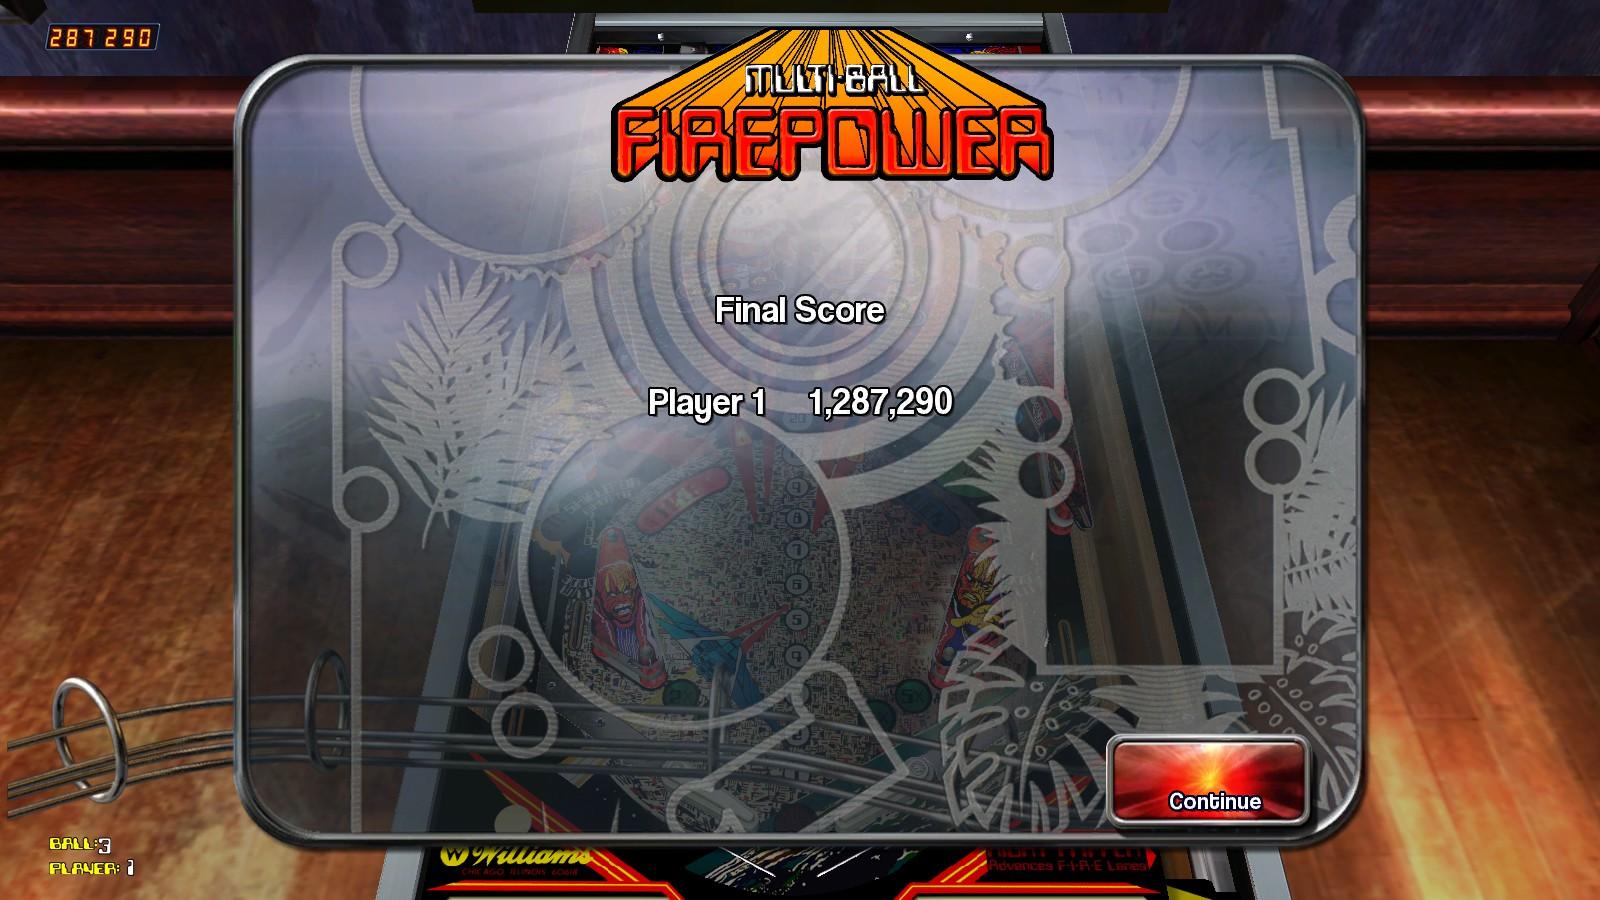 Deteacher: Pinball Arcade: Firepower (PC) 1,287,290 points on 2015-08-22 21:16:10